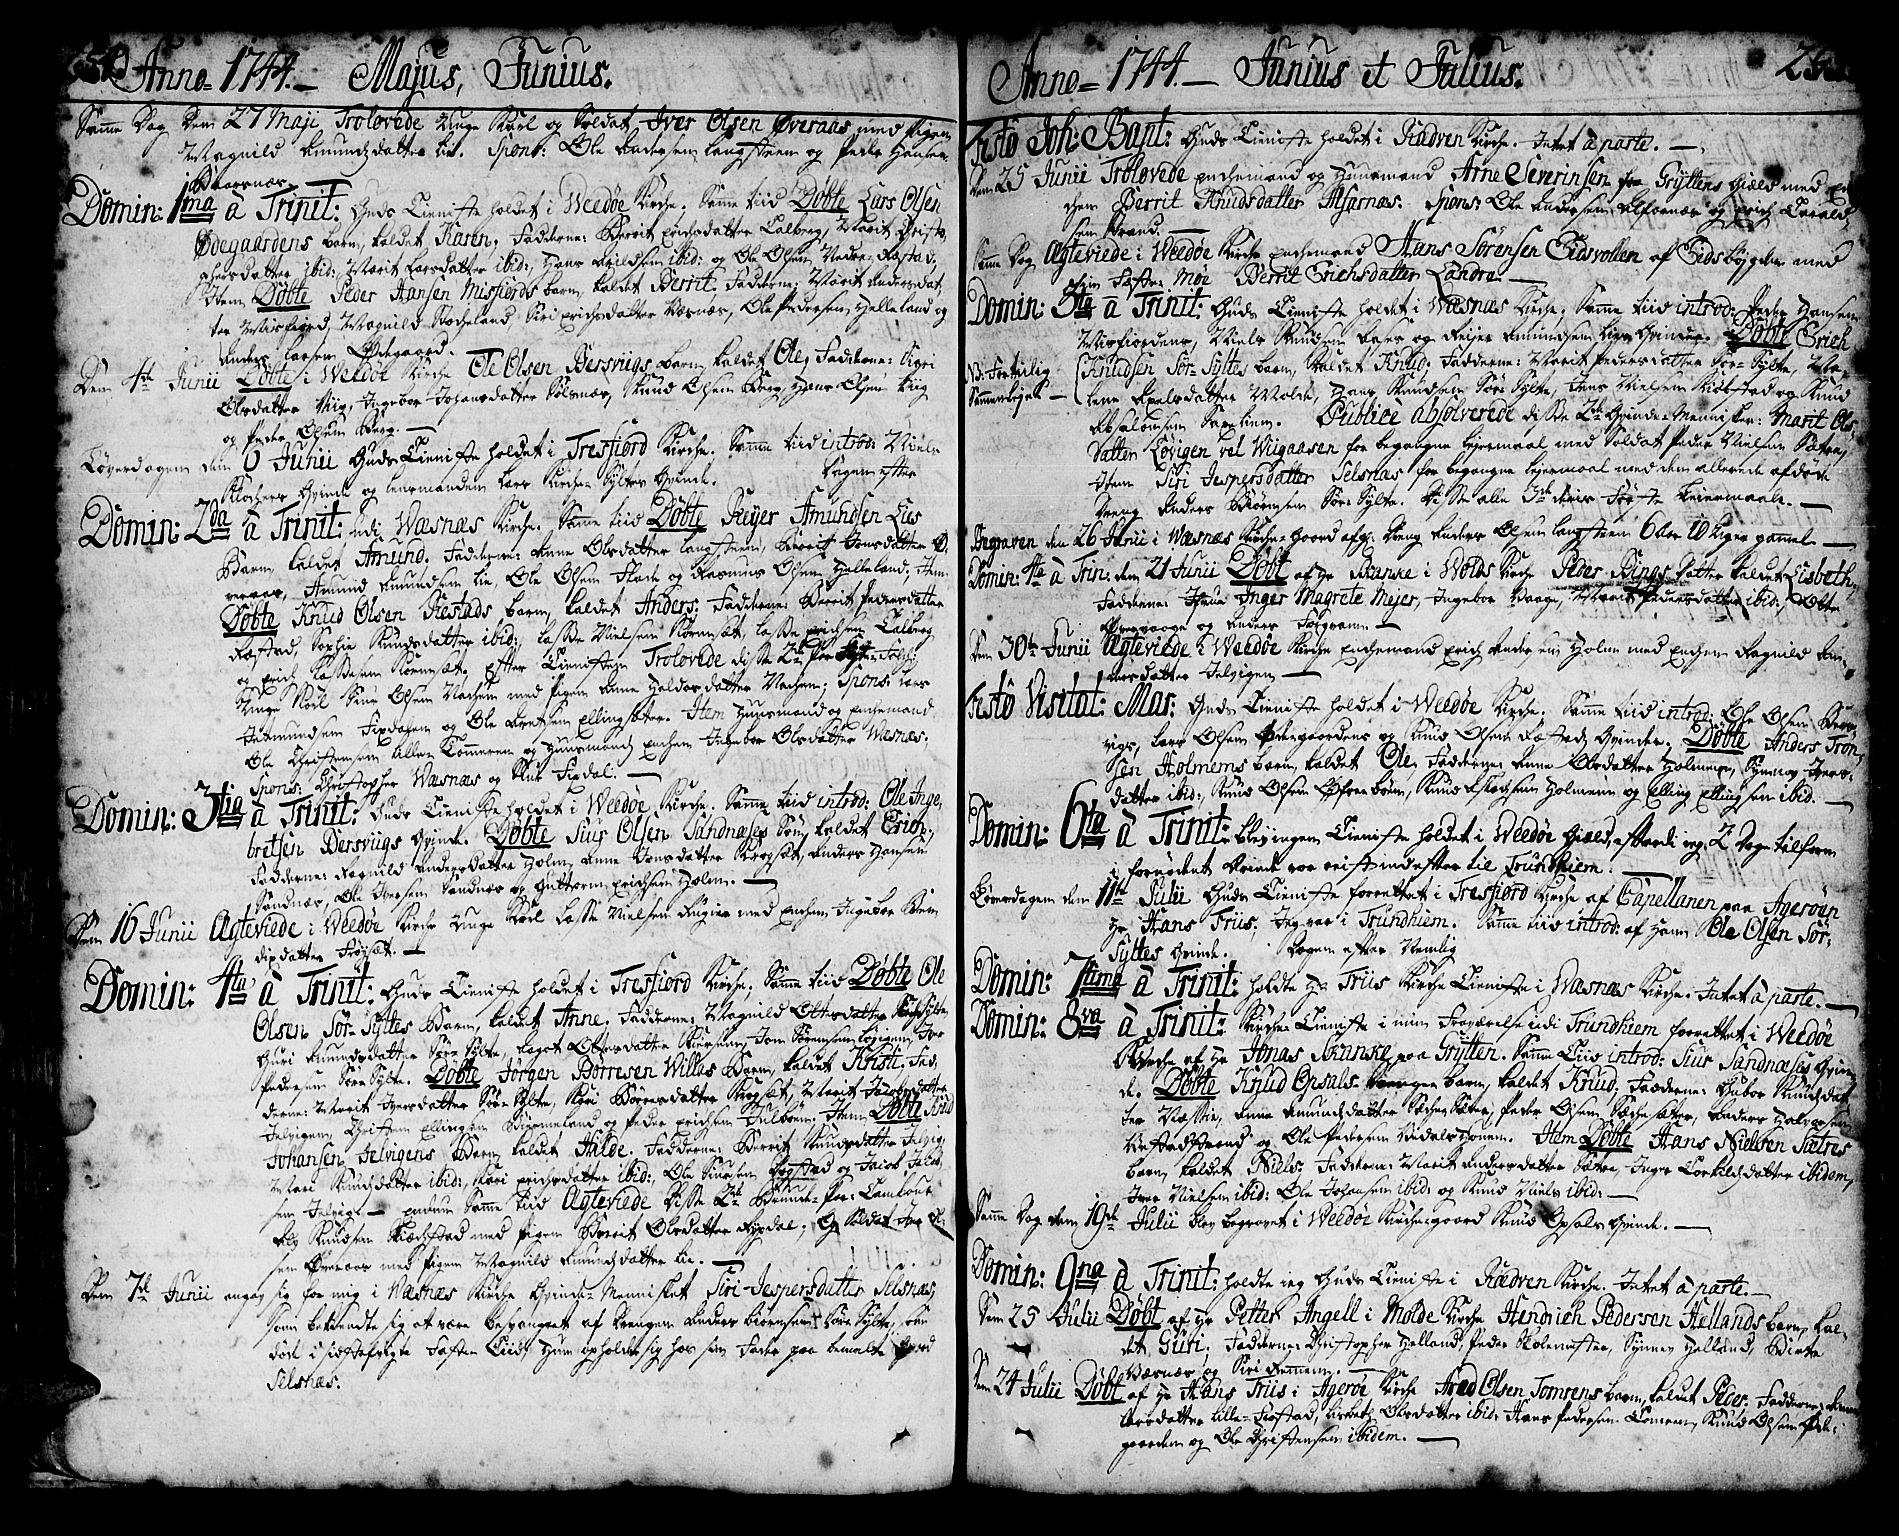 SAT, Ministerialprotokoller, klokkerbøker og fødselsregistre - Møre og Romsdal, 547/L0599: Ministerialbok nr. 547A01, 1721-1764, s. 254-255